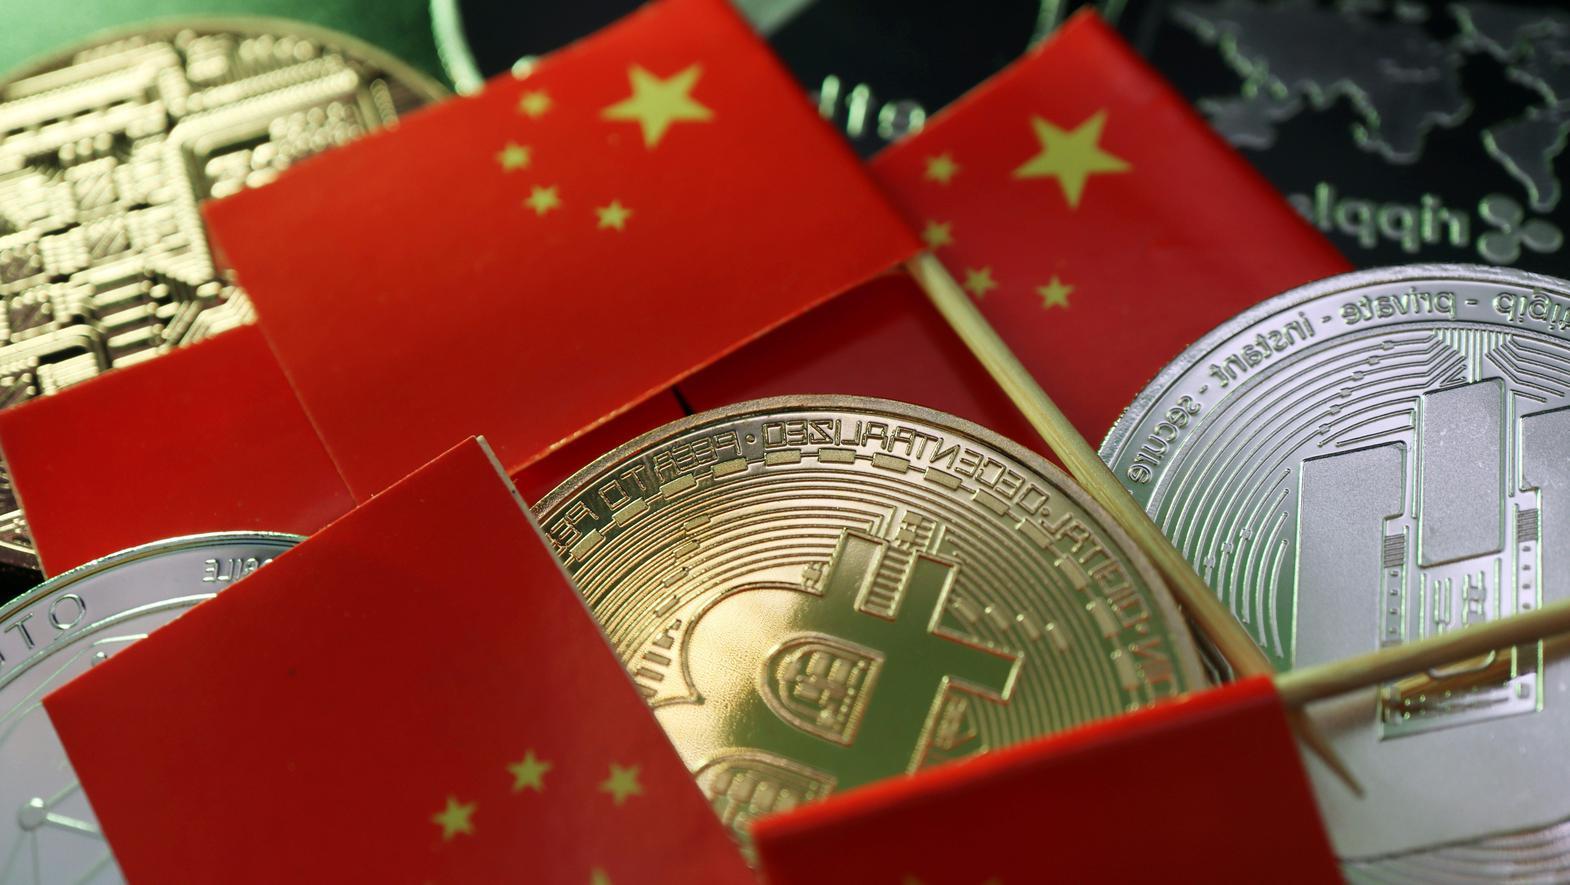 Çin Bu Altcoin Piyasasını Yasaklıyor! İşte Ayrıntılar…